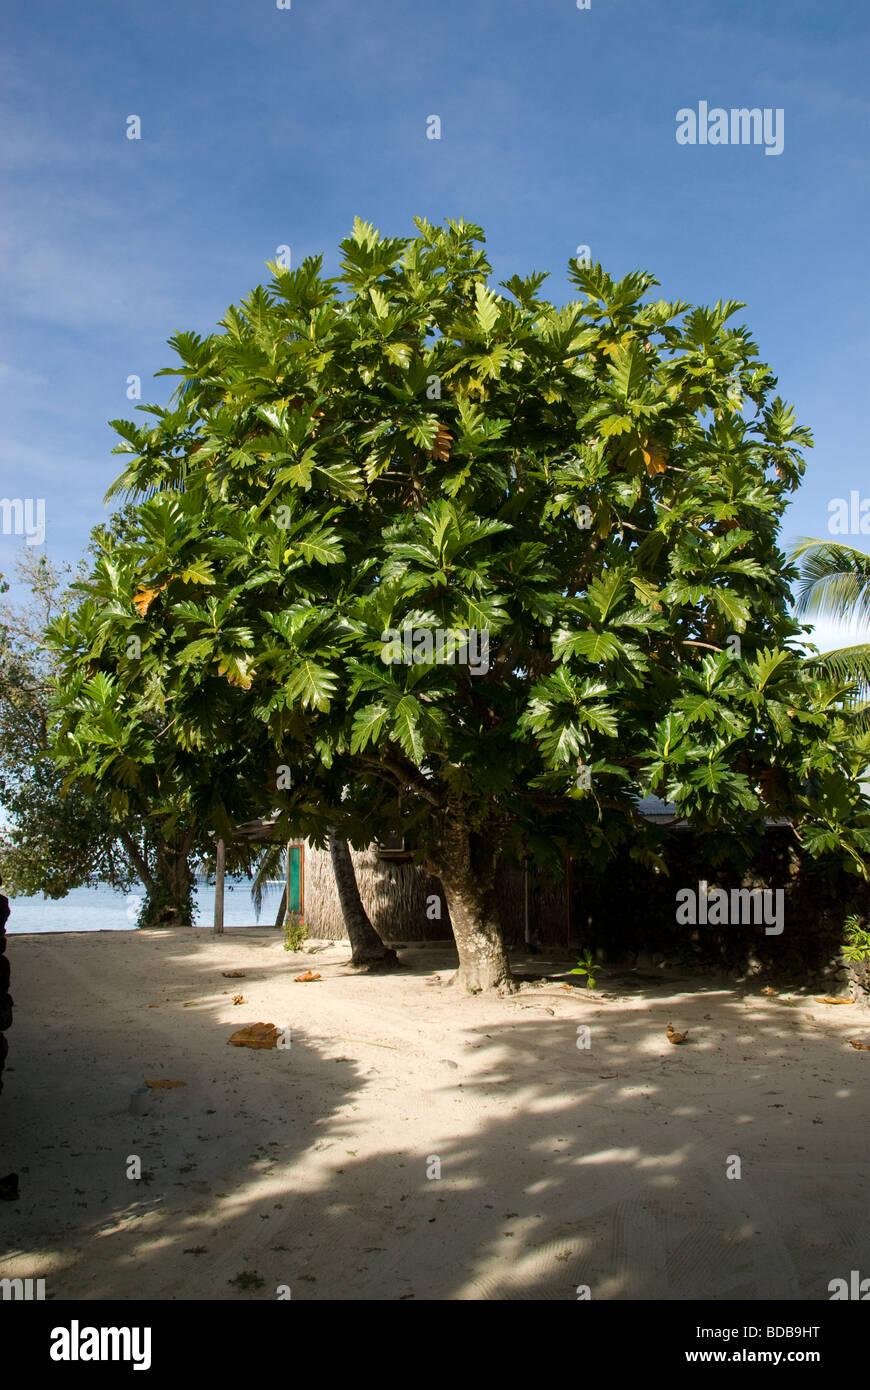 Brotfrucht Baum, Manase Dorf, Savai ' i Island, West-Samoa Stockbild